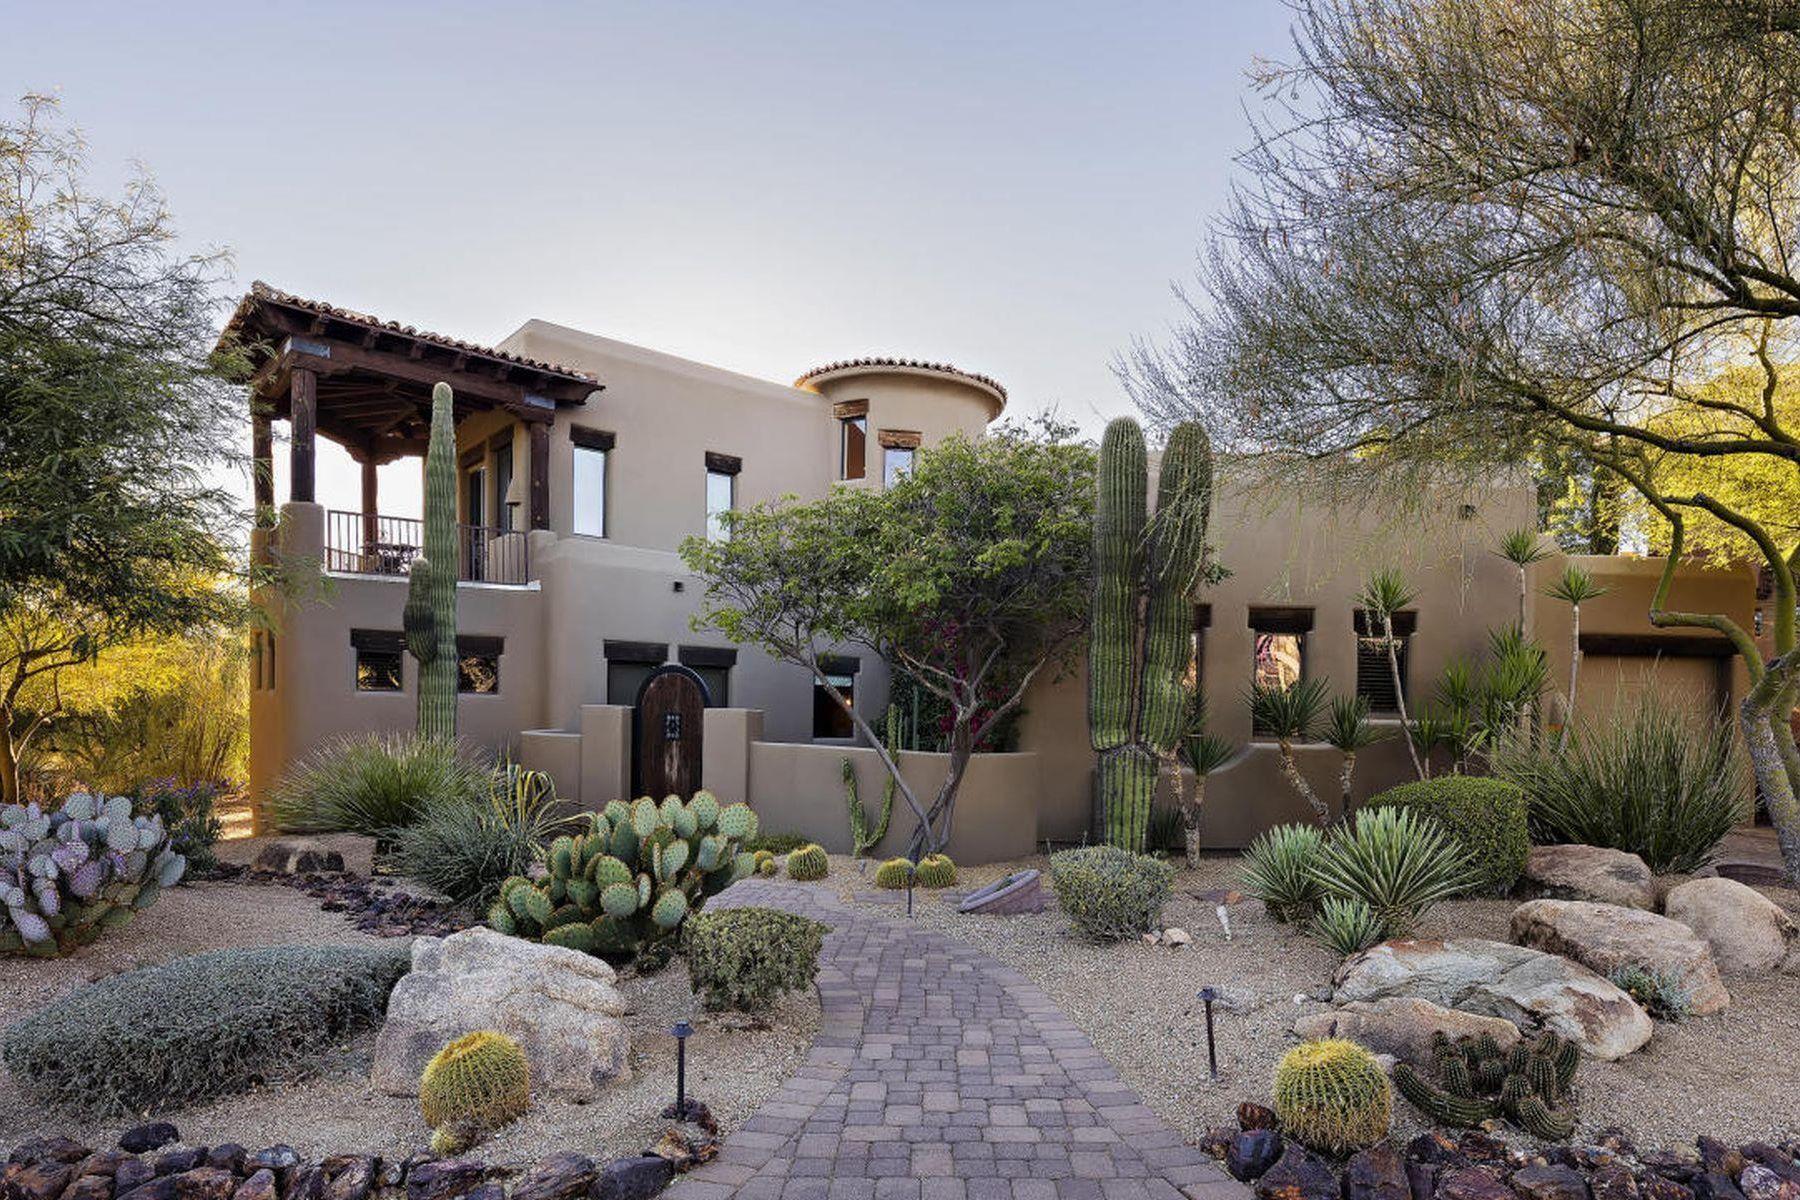 Maison unifamiliale pour l Vente à Warm and charming, Spanish-style home 29308 N 108TH PL, Scottsdale, Arizona, 85262 États-Unis